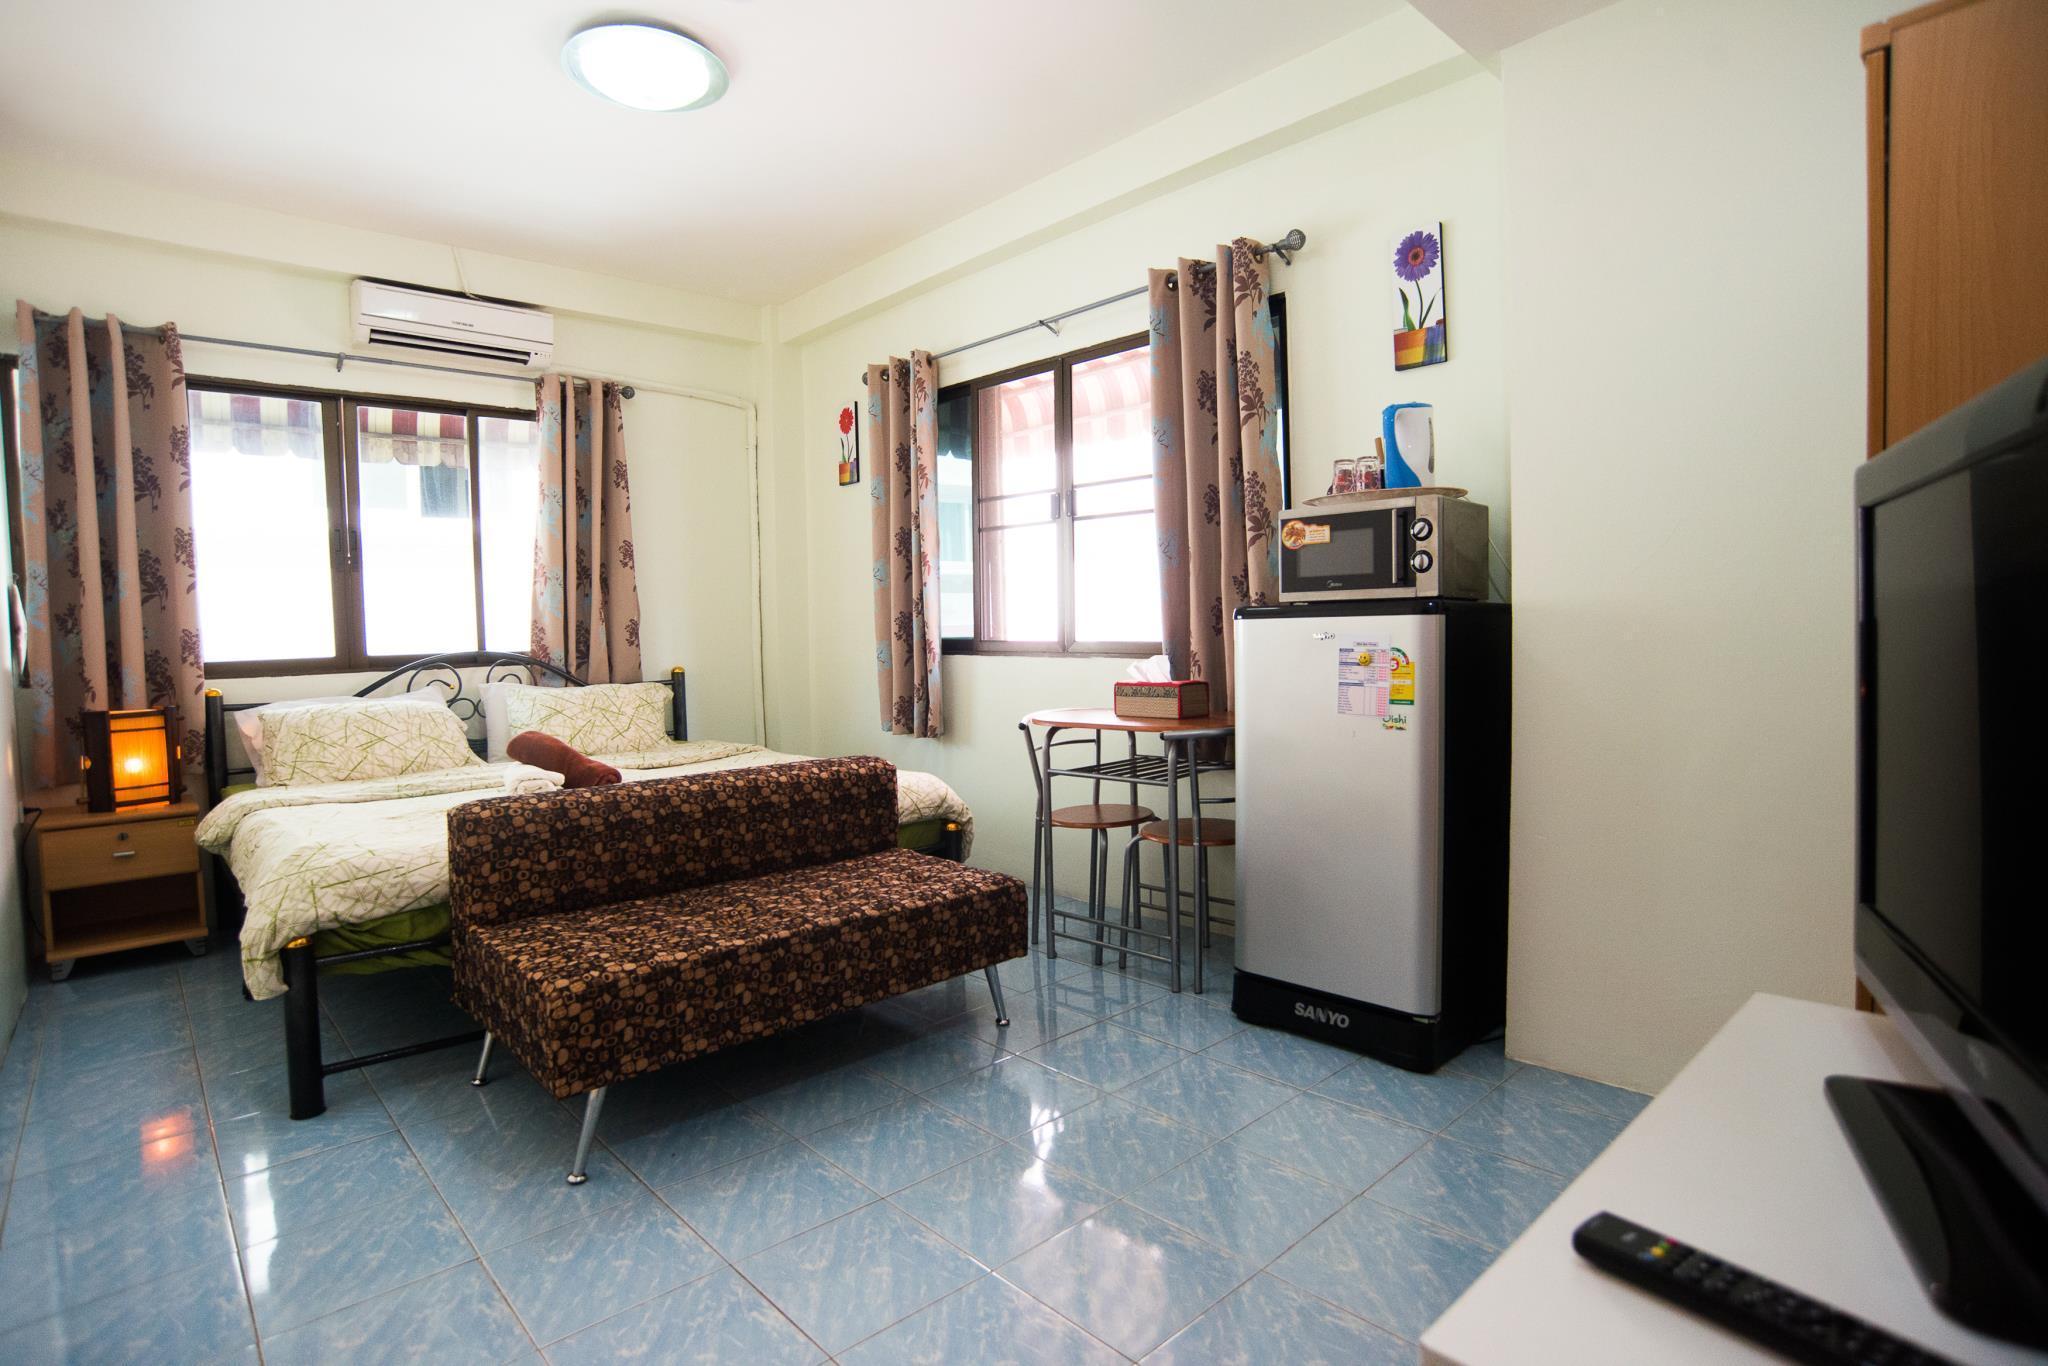 Pattaya Holiday Lodge, Pattaya